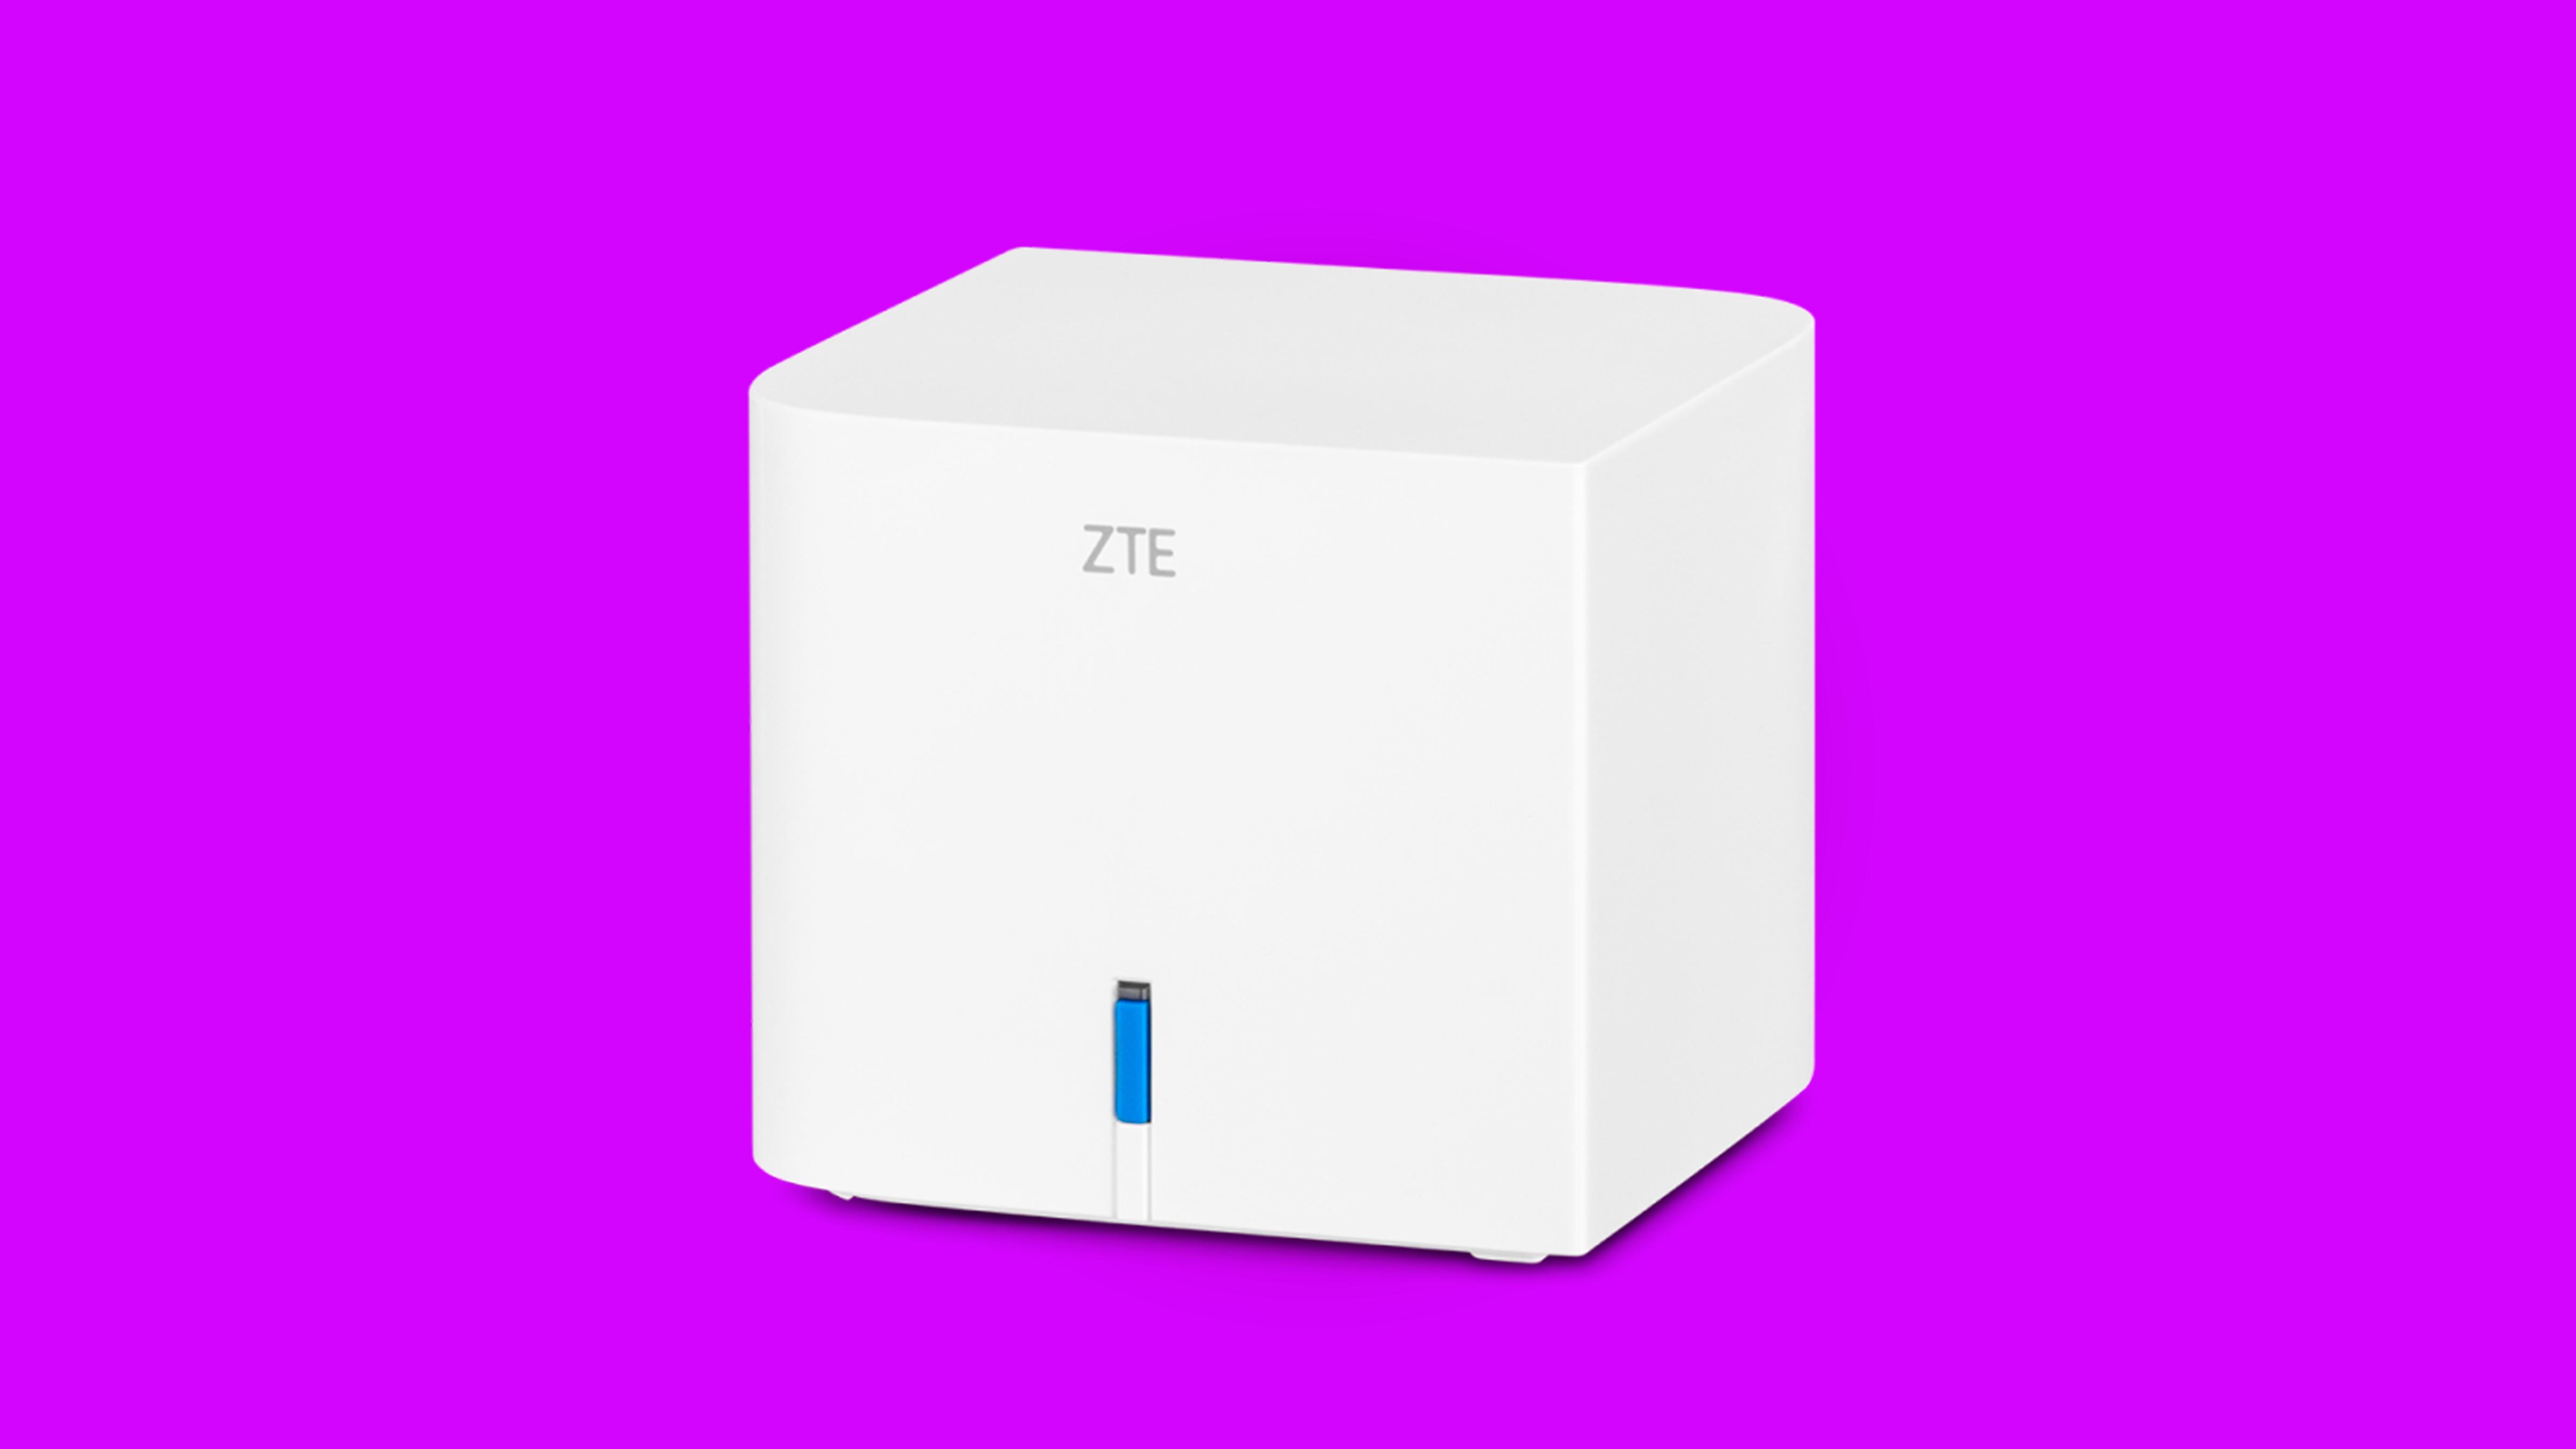 Review: roteador zt196 combina preço baixo com cobertura alta. Modelo da parceria entre zte e multilaser, roteador zt196 conta com recursos robustos para quem precisa de agilidade no sinal da internet